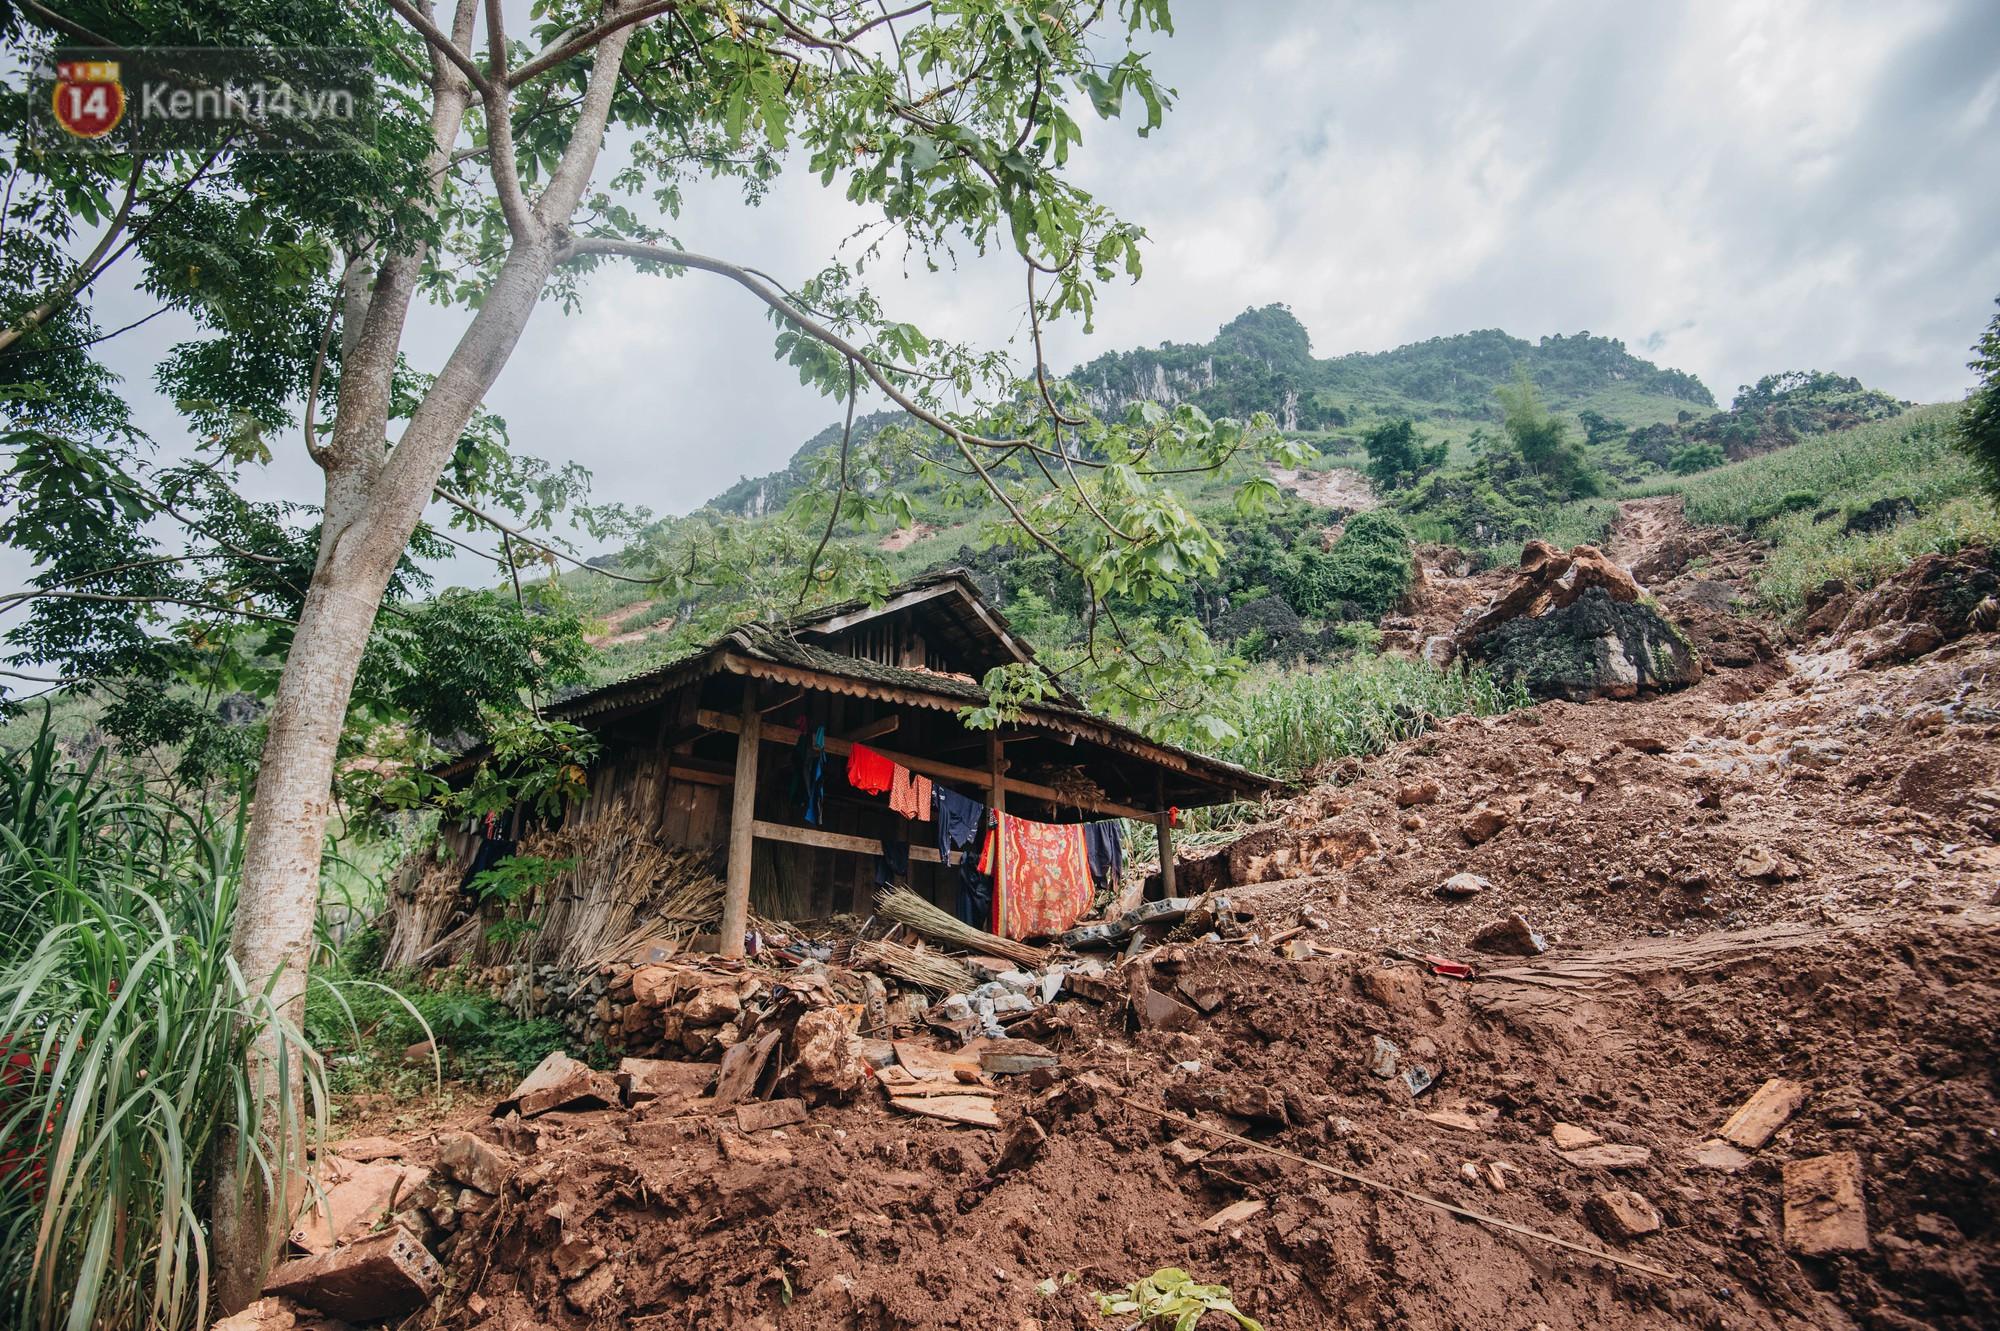 Trận lũ đau thương ở Hà Giang trong vòng 10 năm qua: 'Giờ đâu còn nhà nữa, mất hết, lũ cuốn trôi hết rồi...' 5